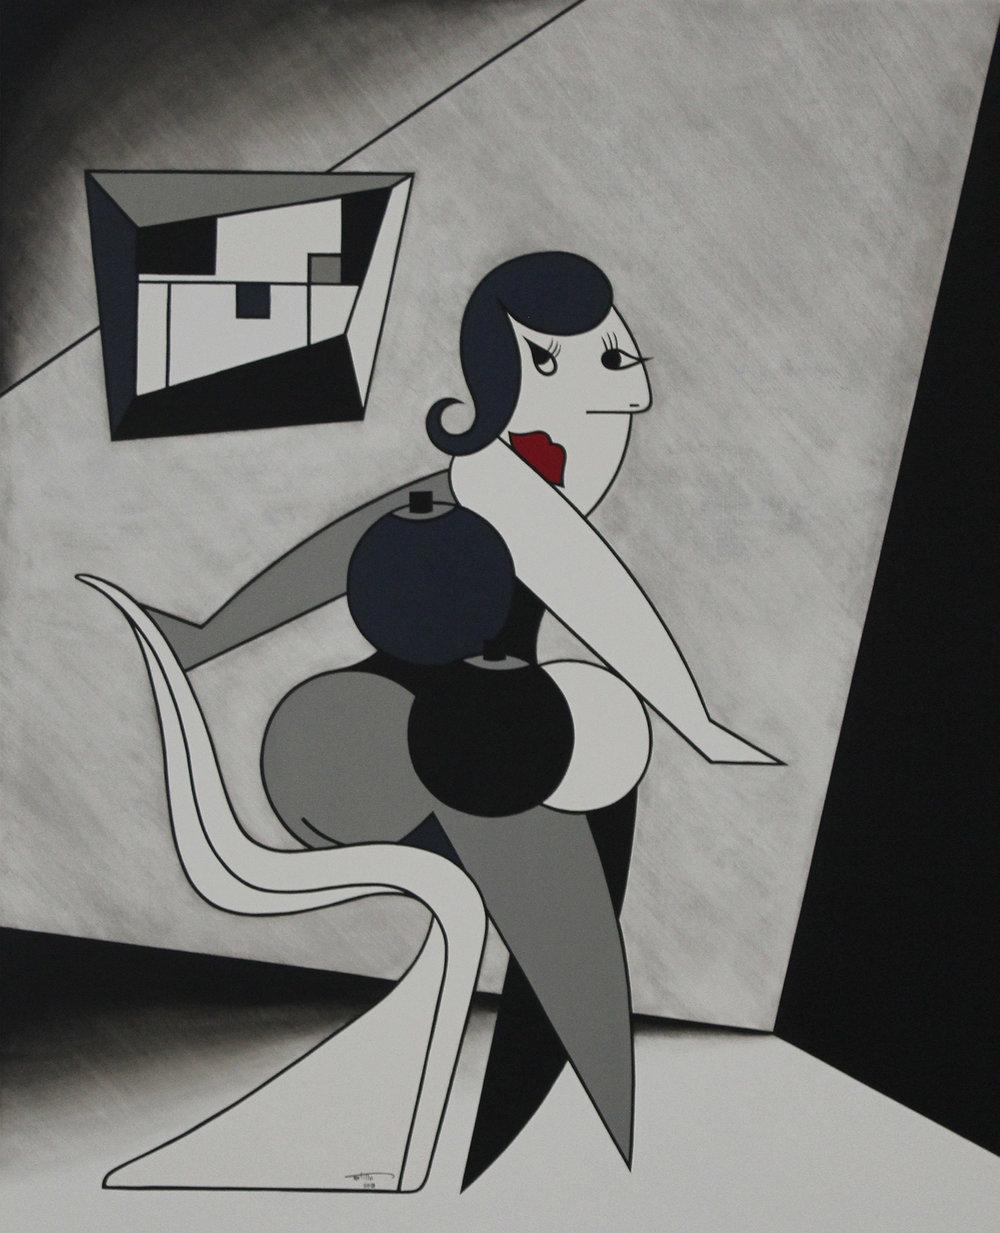 Femme A La Panton - Oil on canvas112 x 91 cm